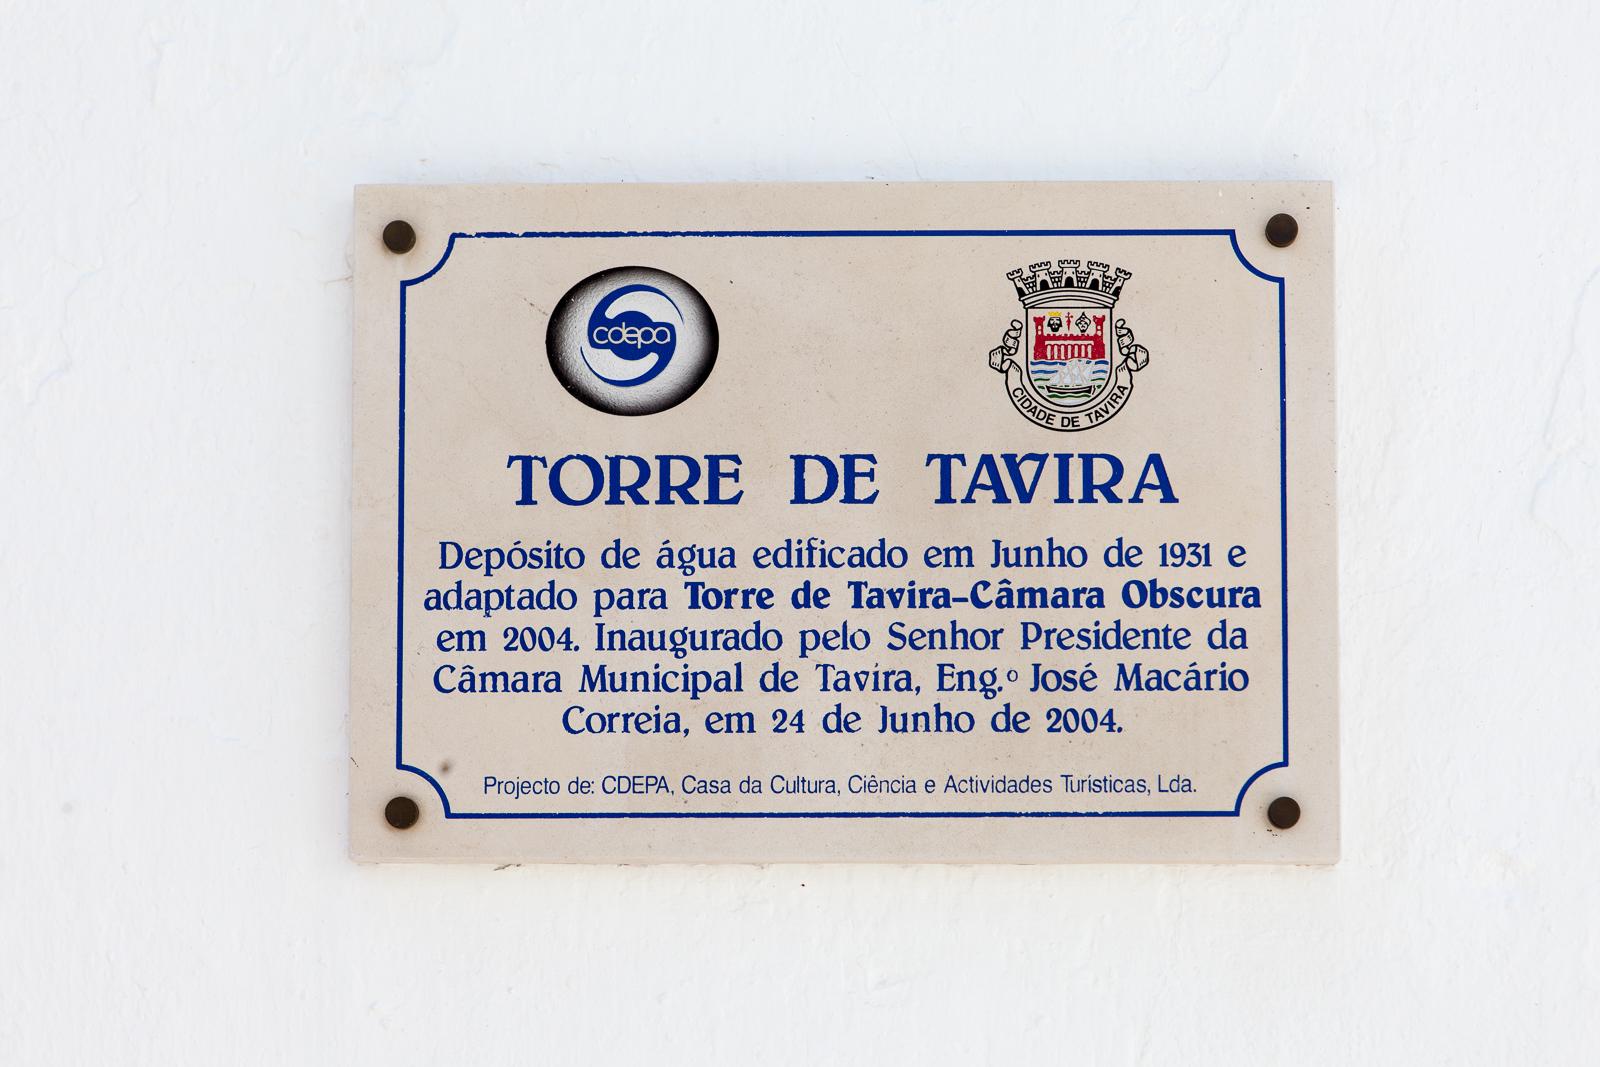 Dag07-Algarve-009-IMG_49513